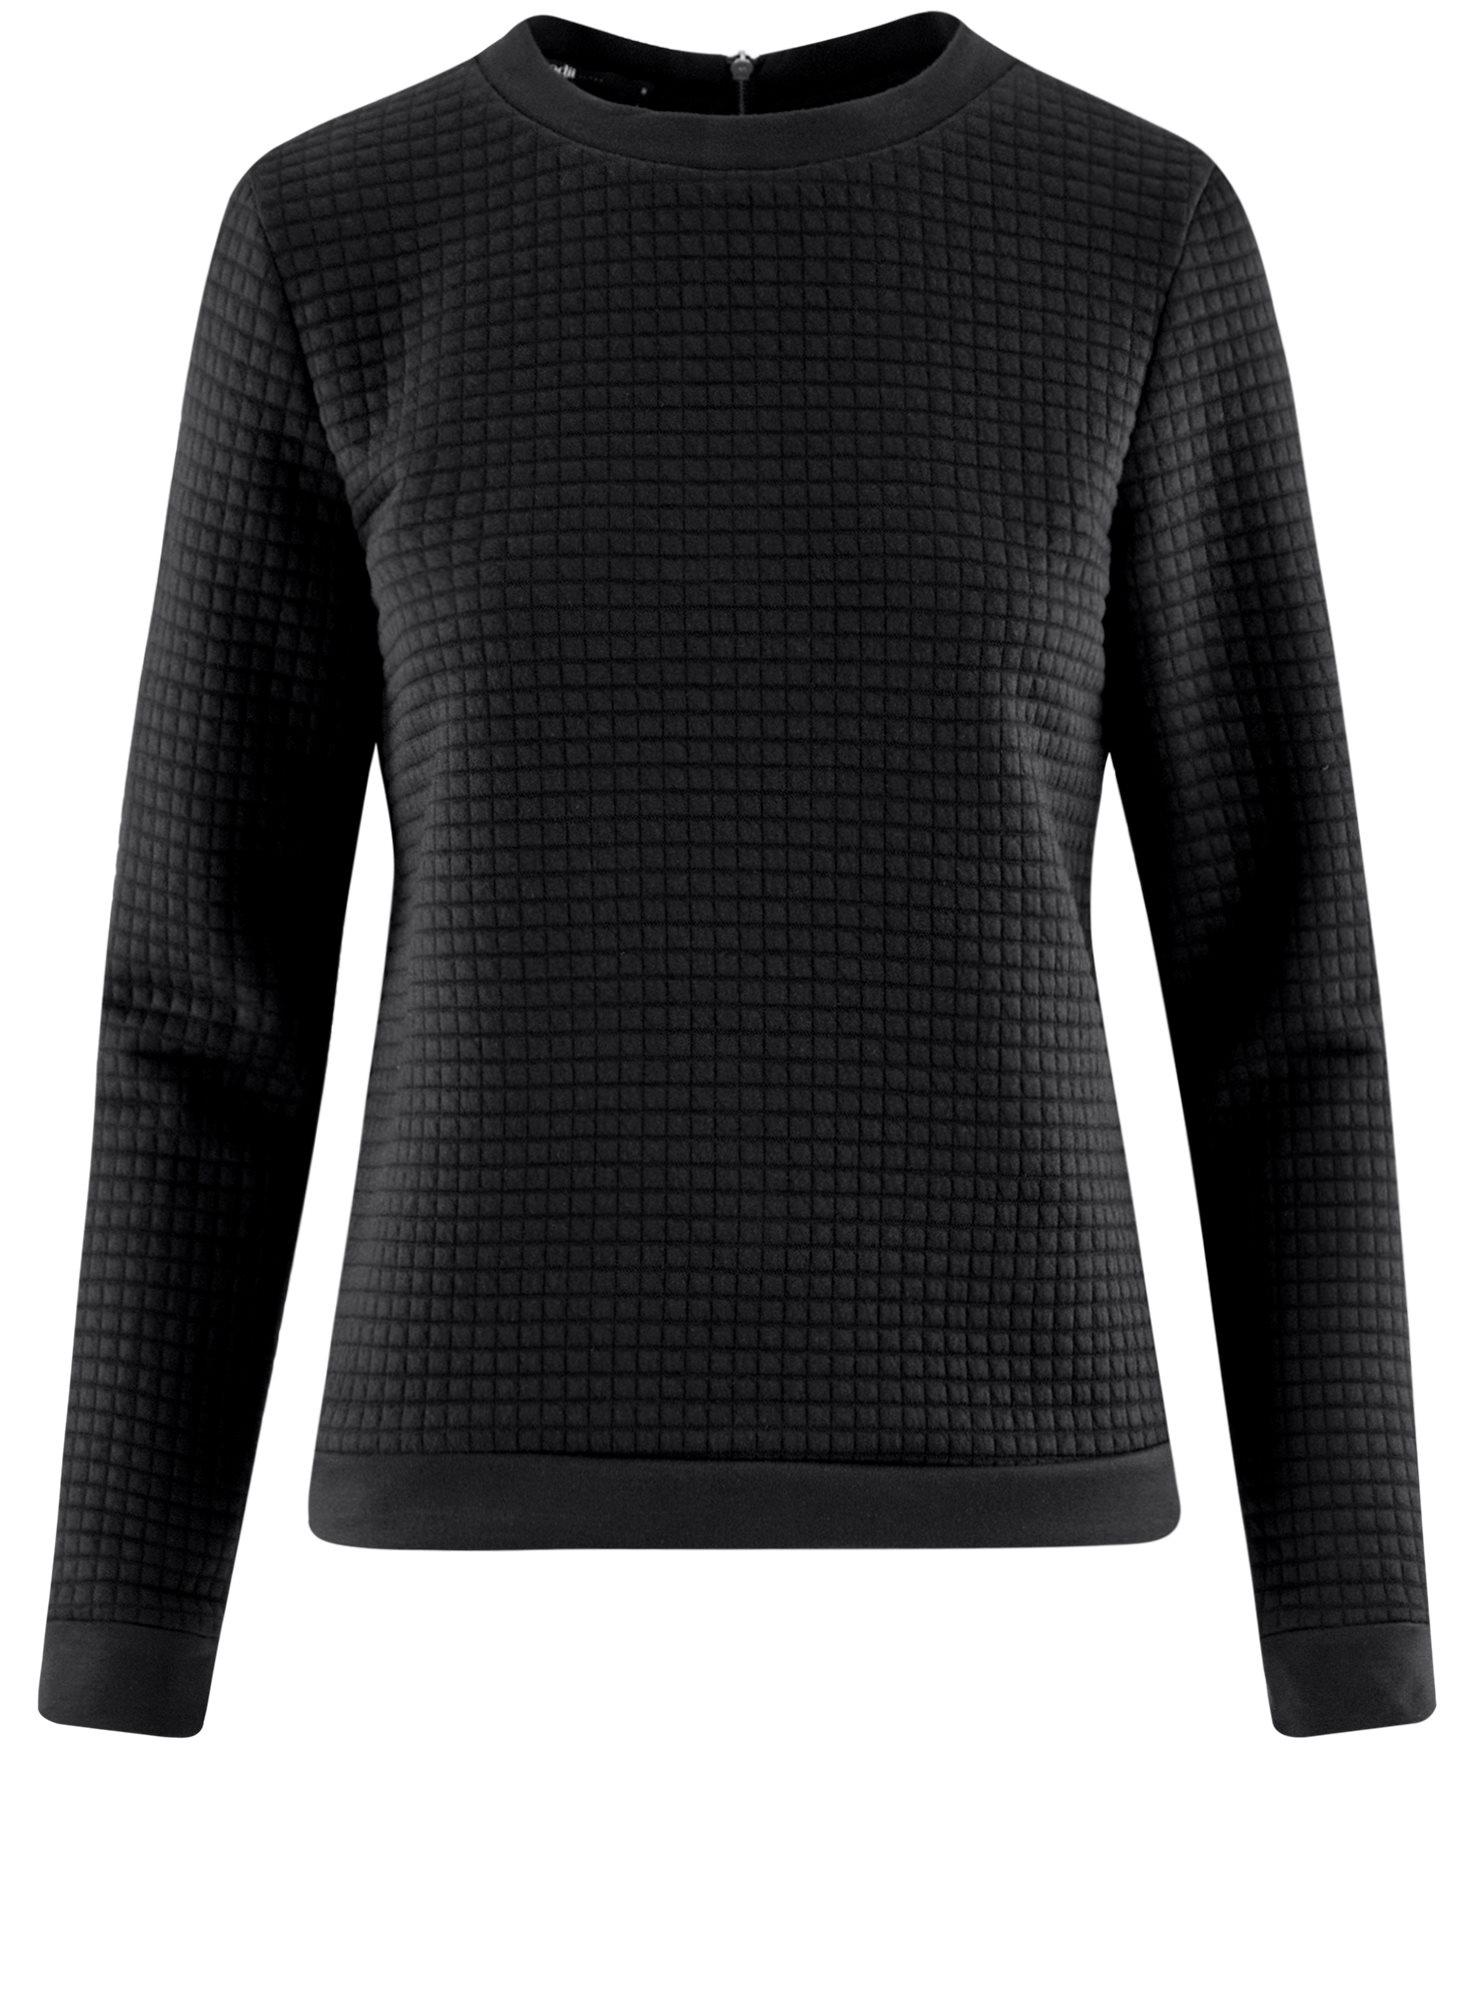 Свитшот из фактурной ткани с молнией на спине oodji для женщины (черный), 14801046/45949/2900N